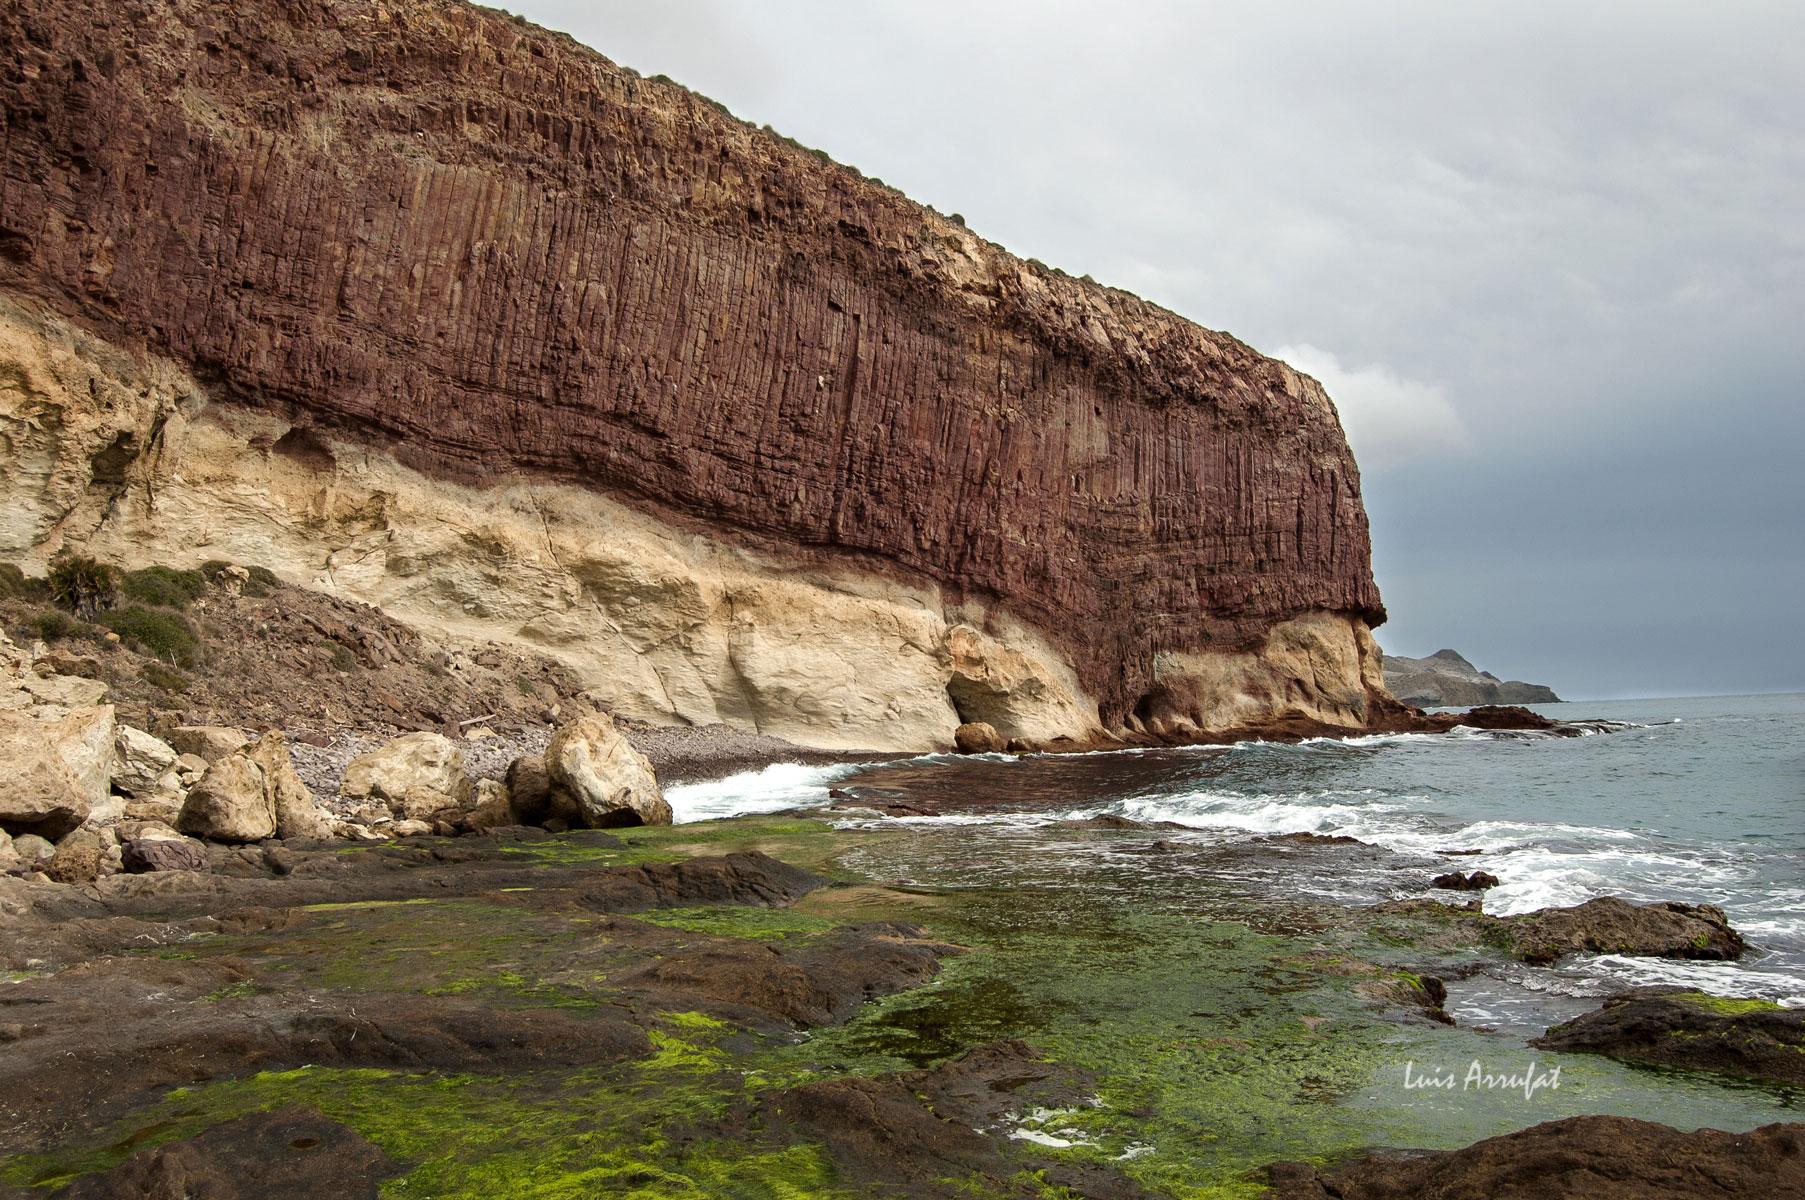 Domo dacítico en Cabo de Gata Disyunciones columnares de dacitas sobre depósitos de ignimbrtas.